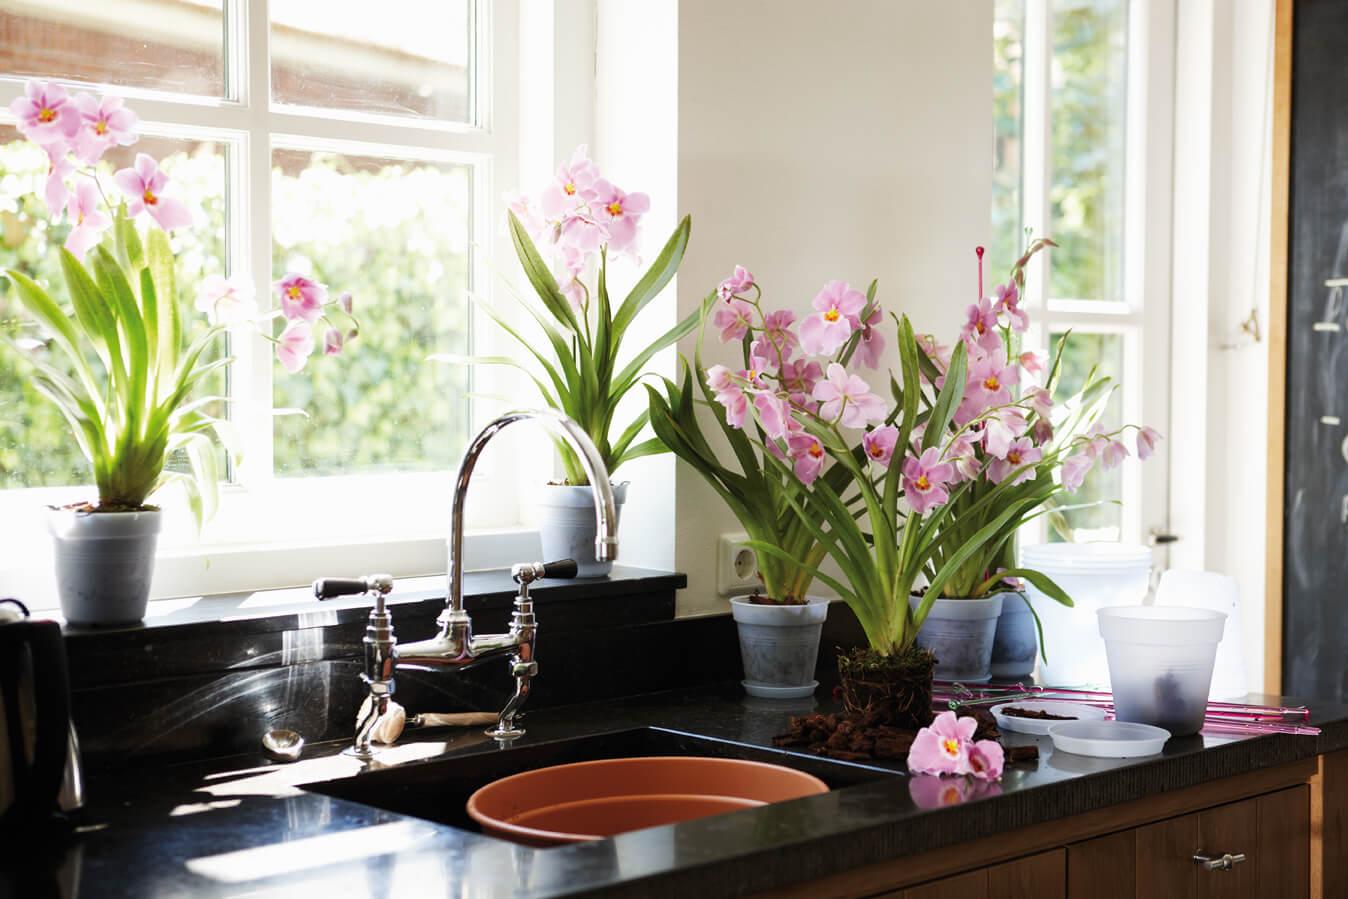 на кухне цветы фото